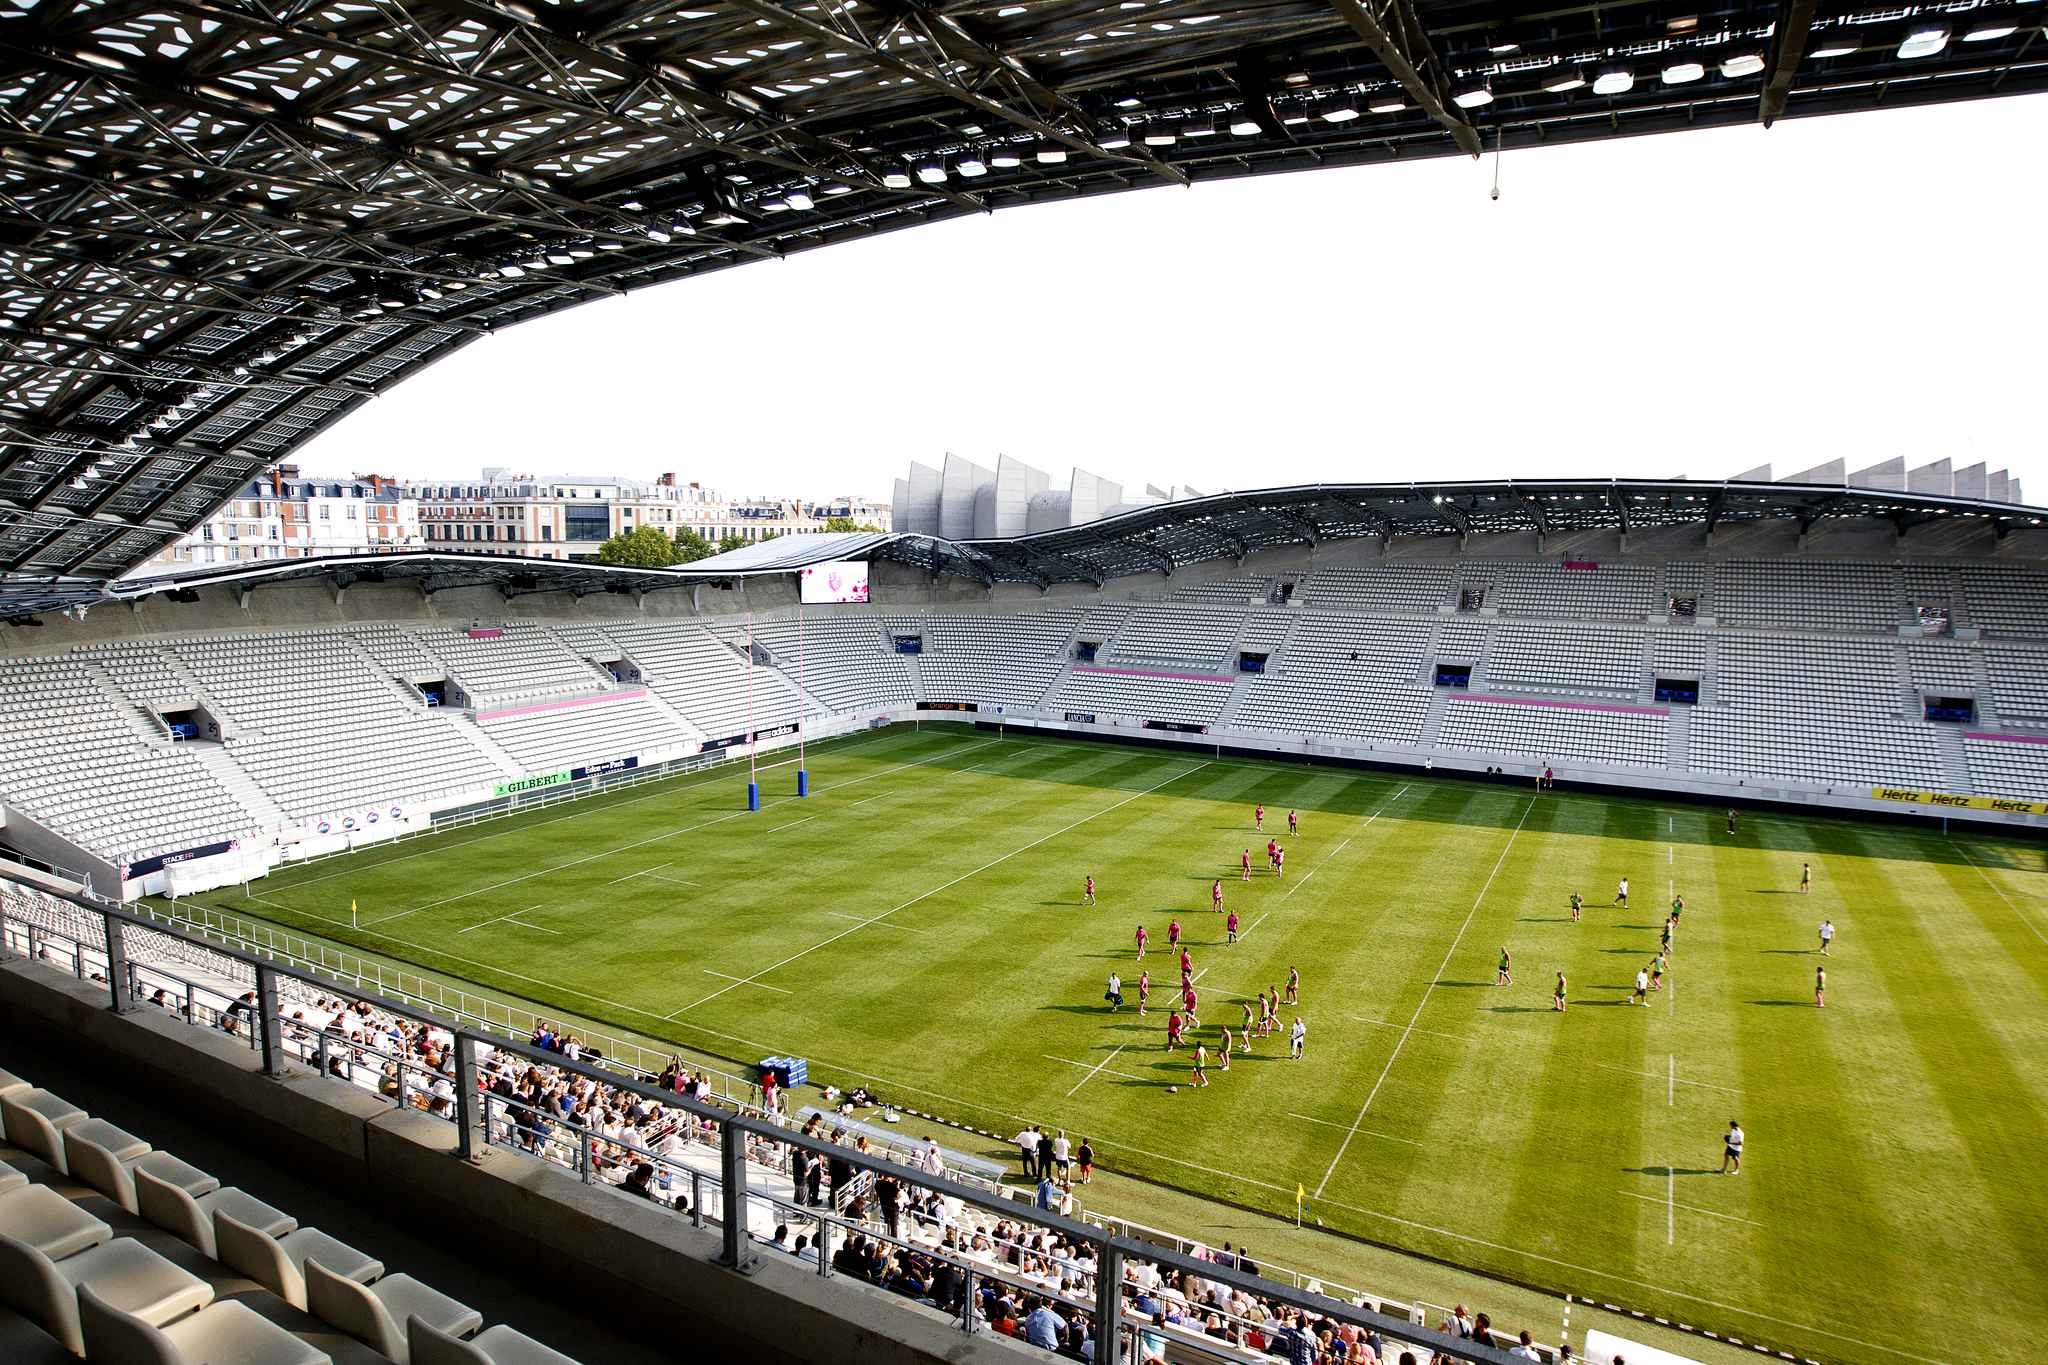 Stades de Rugby - Page 3 Paris-28-aout-2013-6004-diaporama